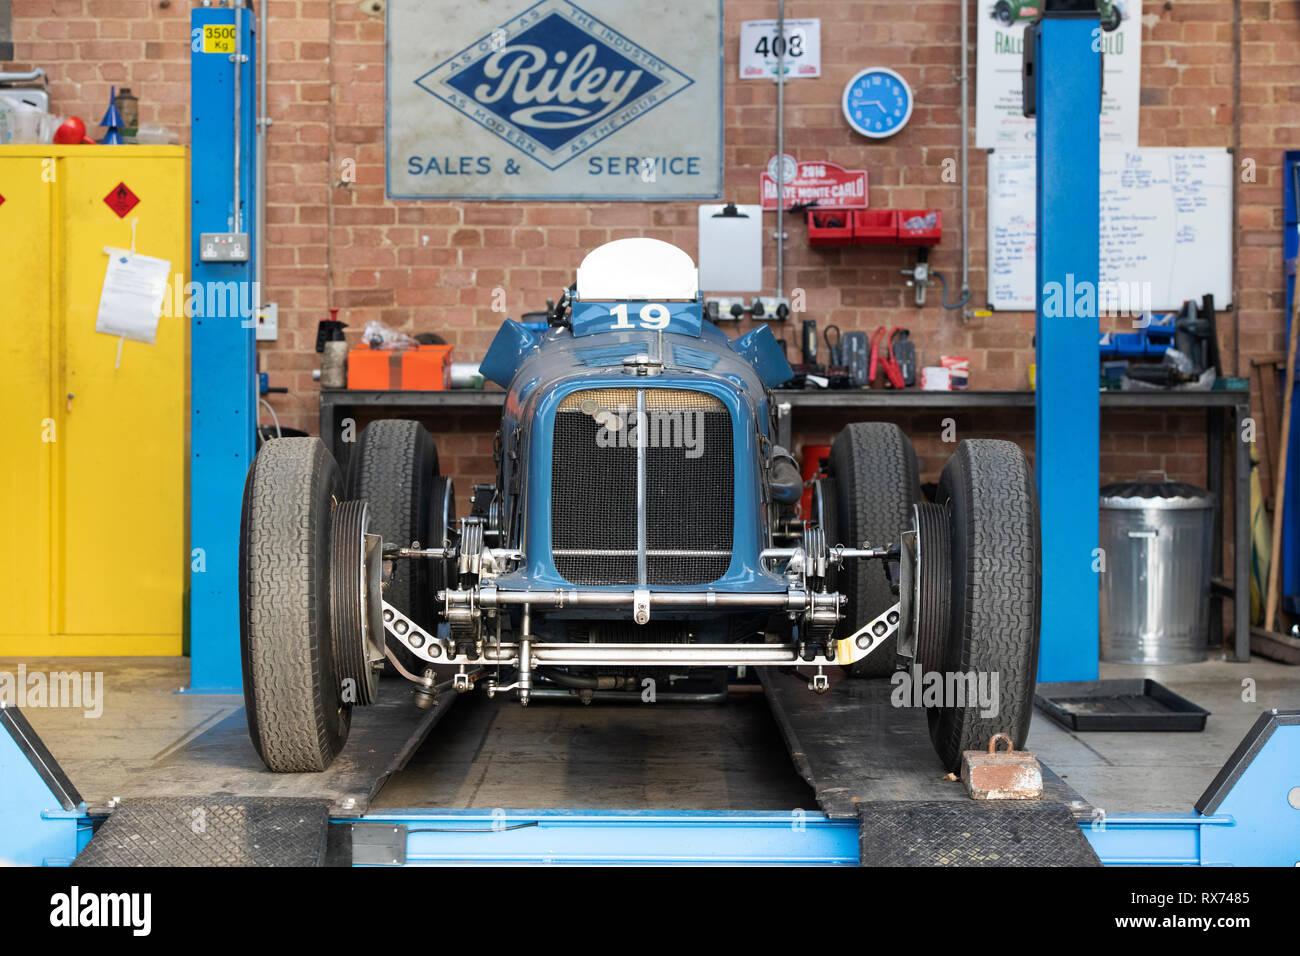 Ère Vintage (Français) Location de voitures de course sur une voiture ascenseur à l'intérieur d'un atelier de restauration vintage à Bicester heritage centre, Oxfordshire, Angleterre Photo Stock